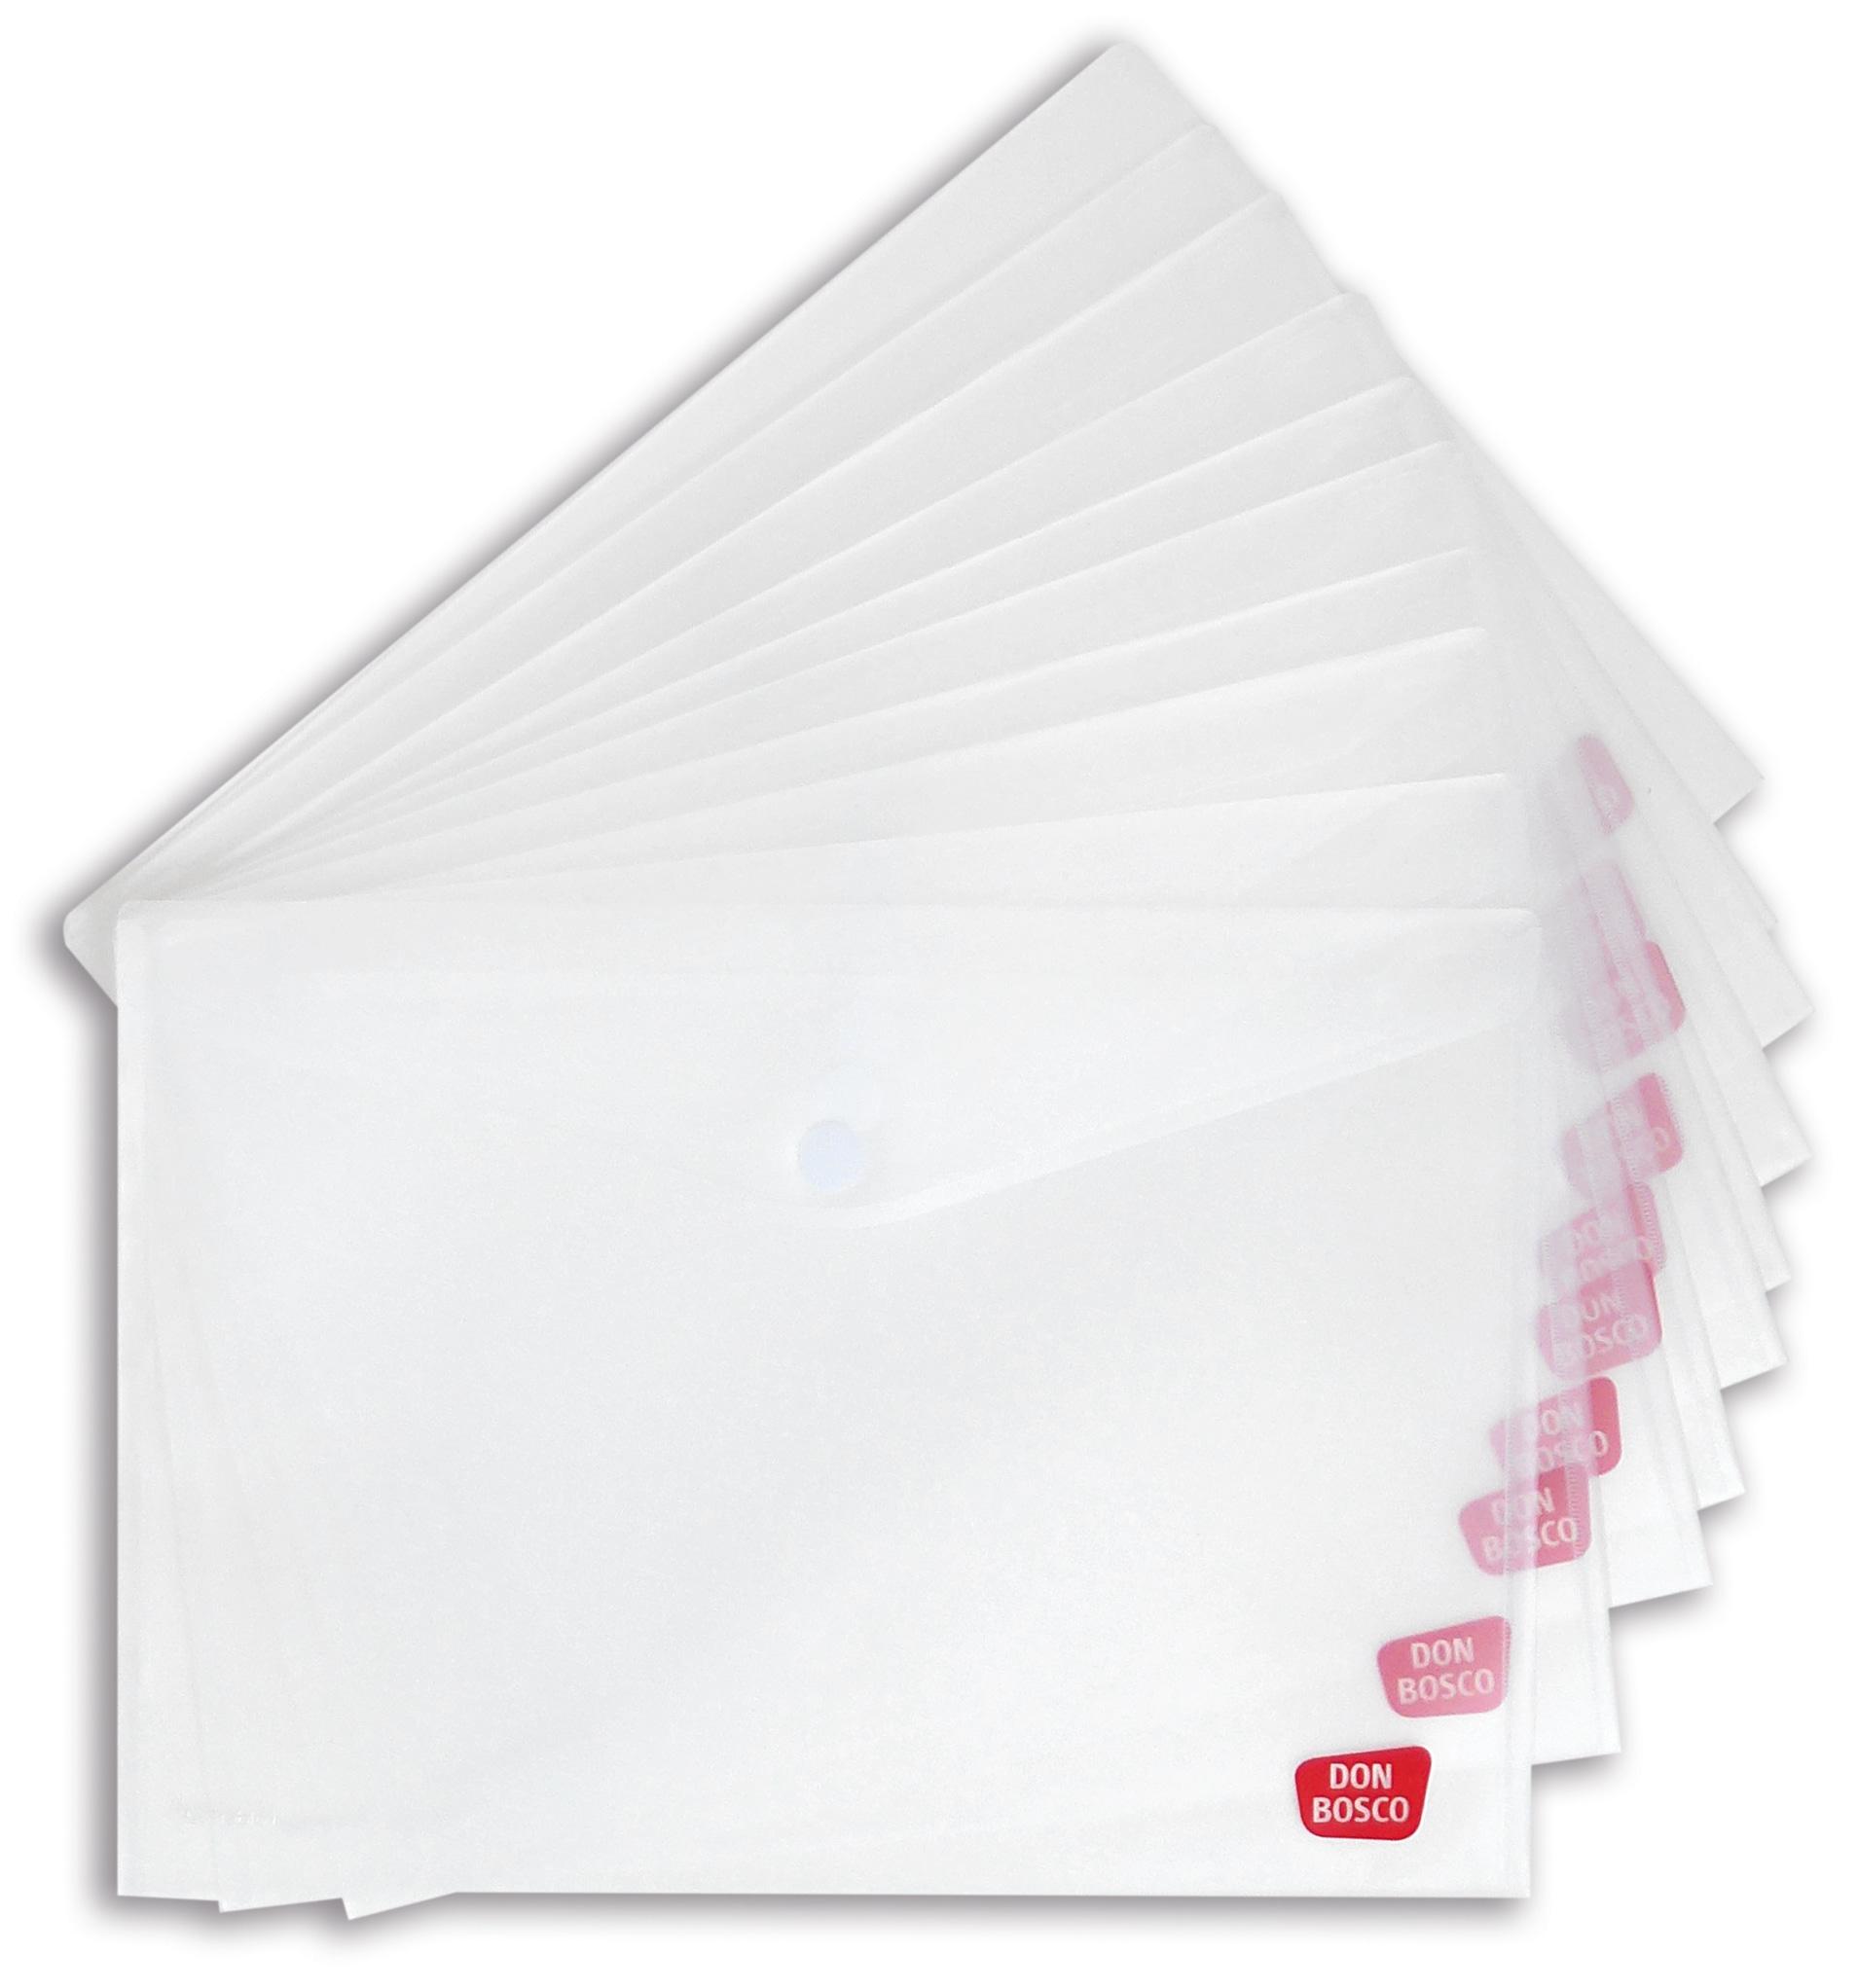 Innenansicht zu Sicht- und Schutzhülle für Kamishibai-Bildkarten (Kamishibai-Hülle), DIN A3, mit Klettverschluss, transparent, Vorteilspack mit 10 Exemplaren